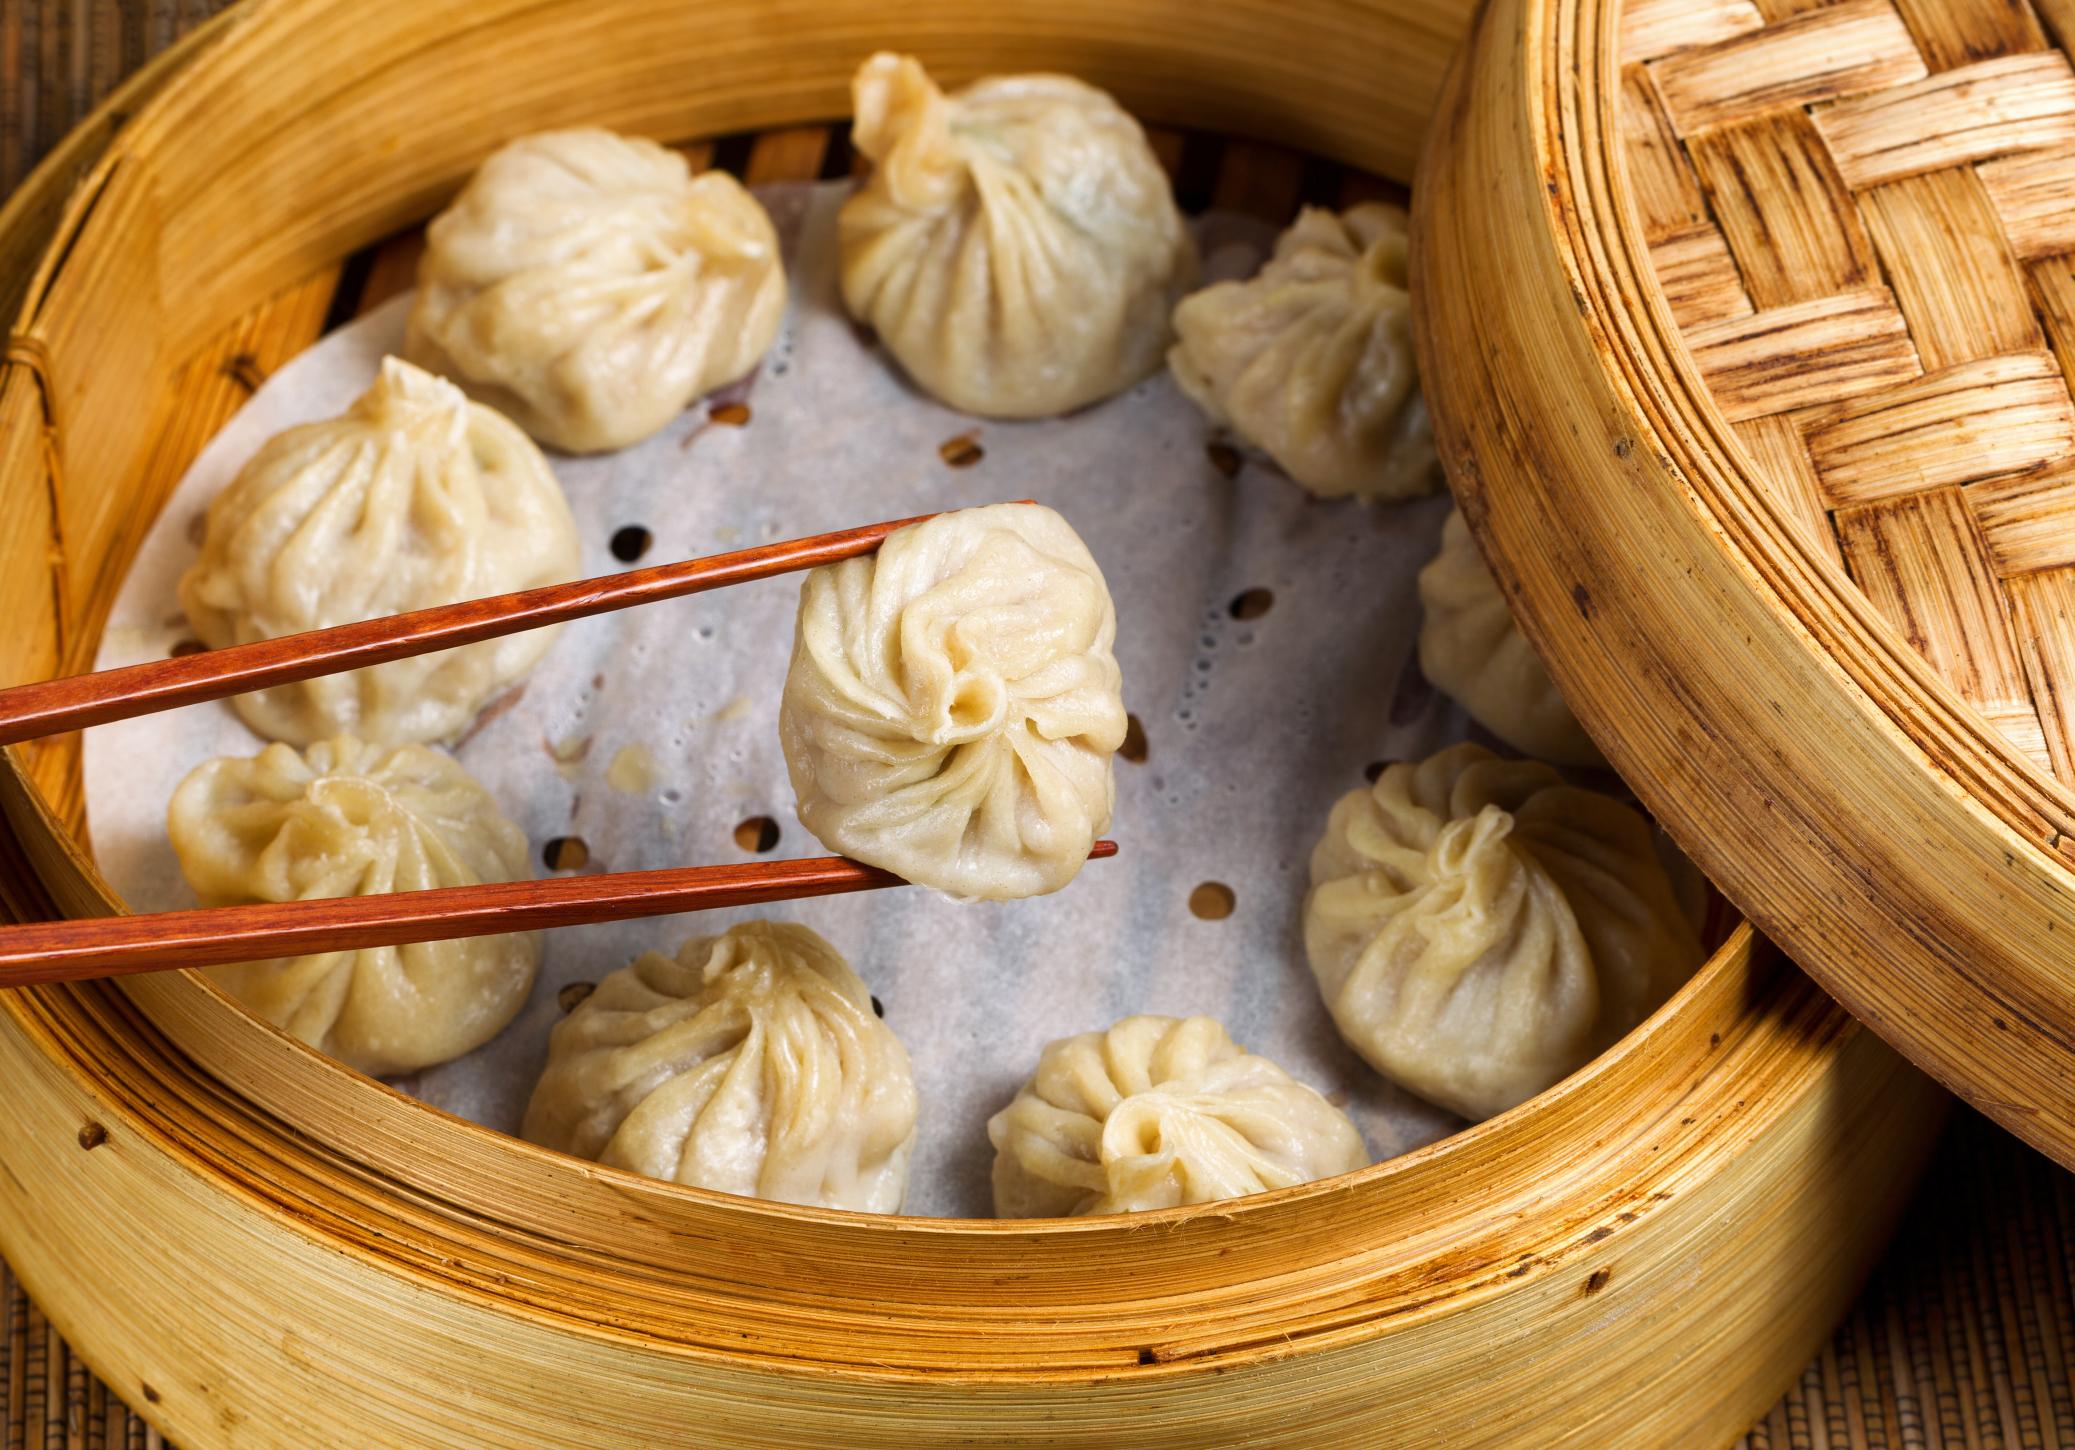 Разные виды пельменей — самая понятная еда для иностранца в Шанхае